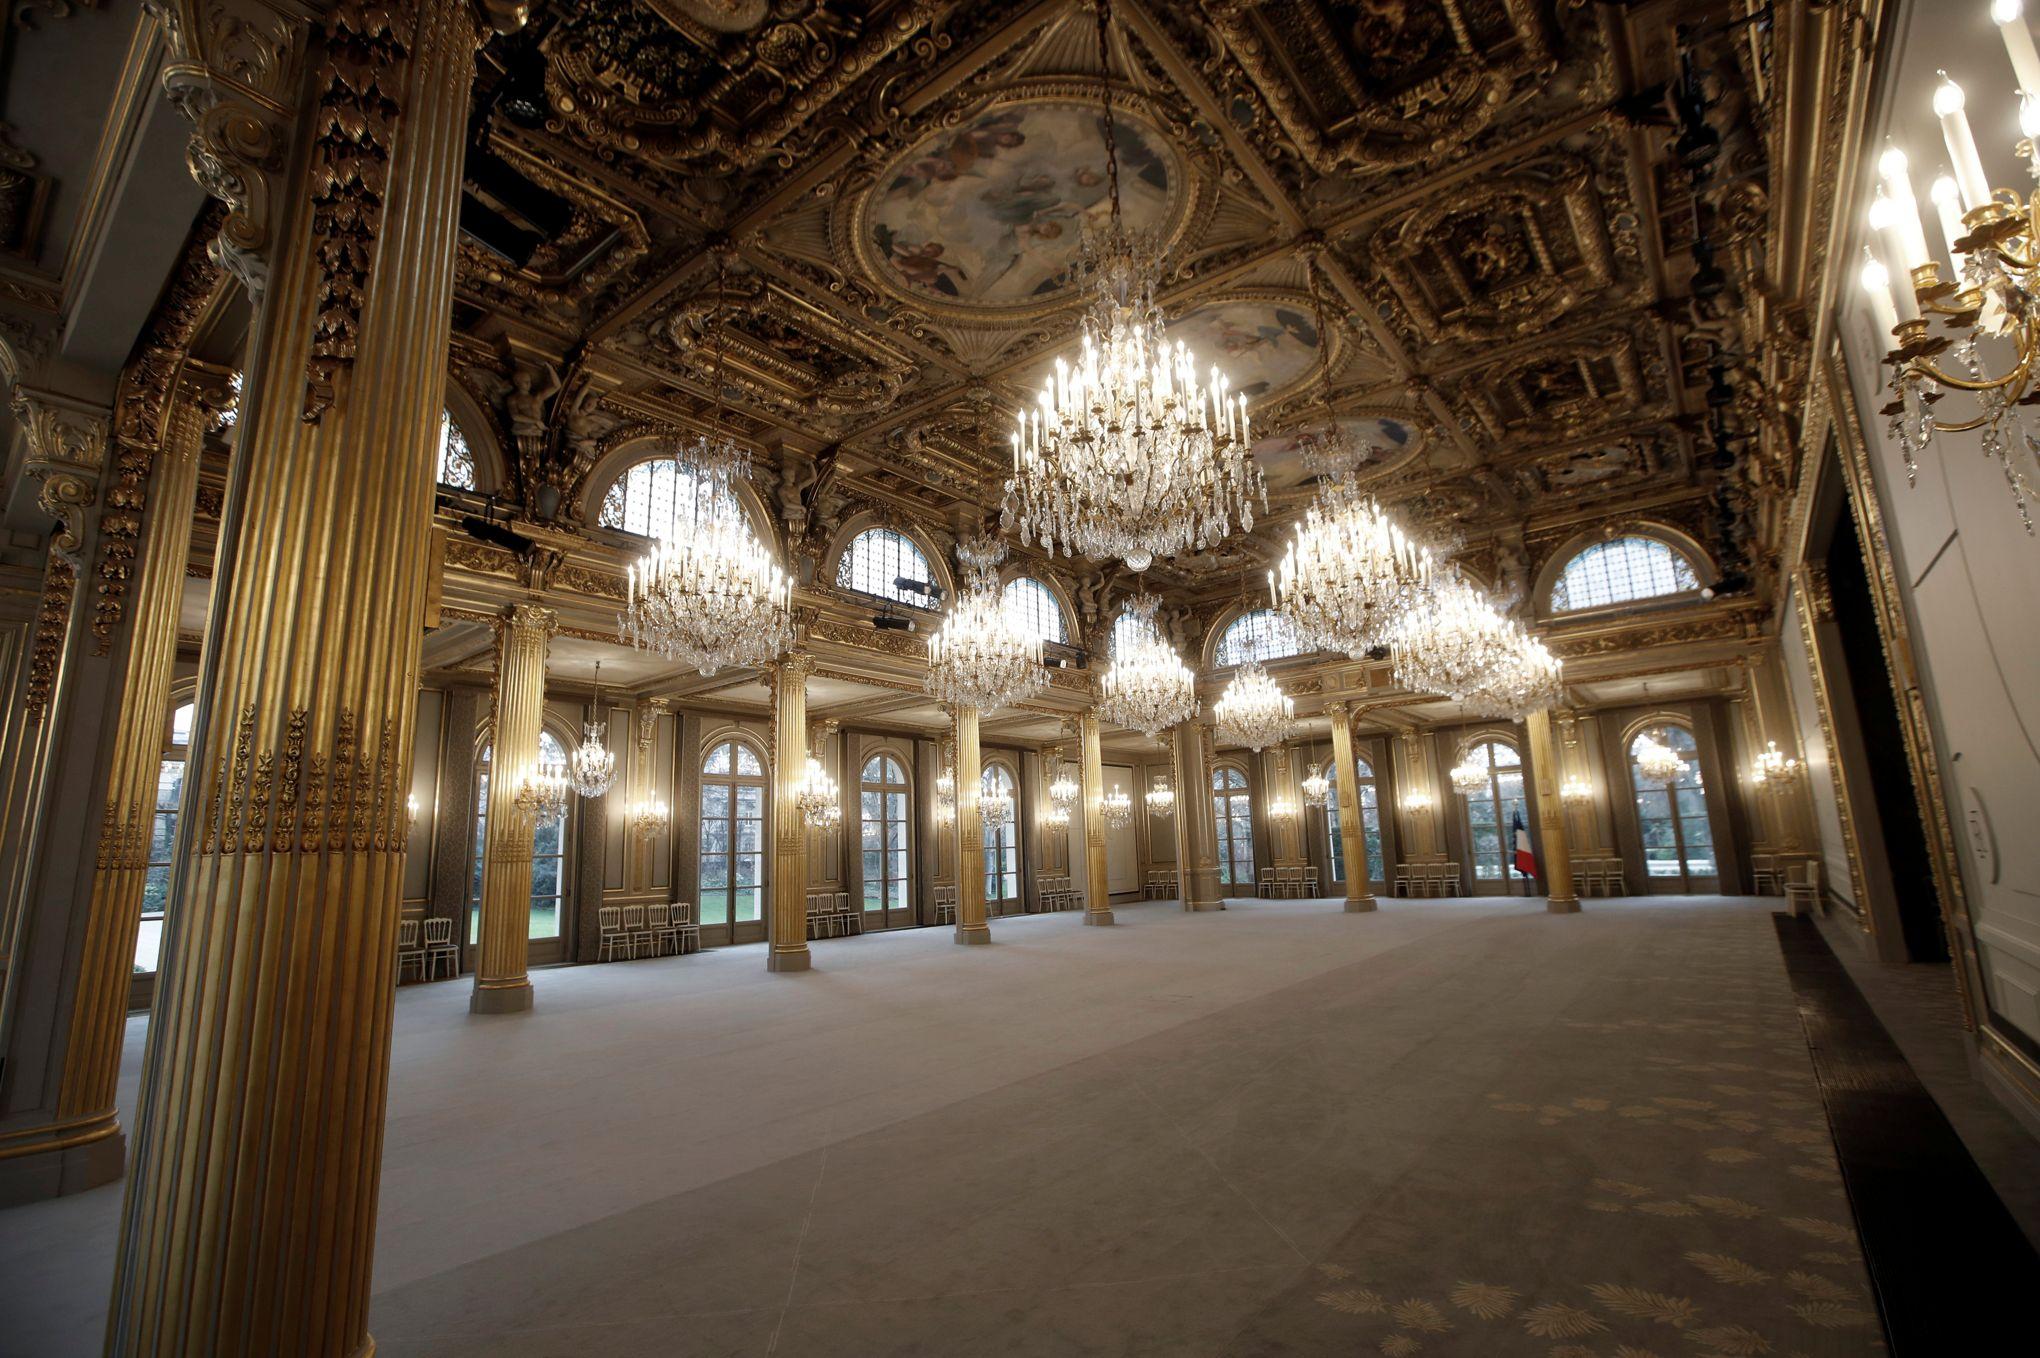 Decoration De Salle Pour Nouvel An palais de l'Élysée : la salle des fêtes rénovée est dévoilée au public